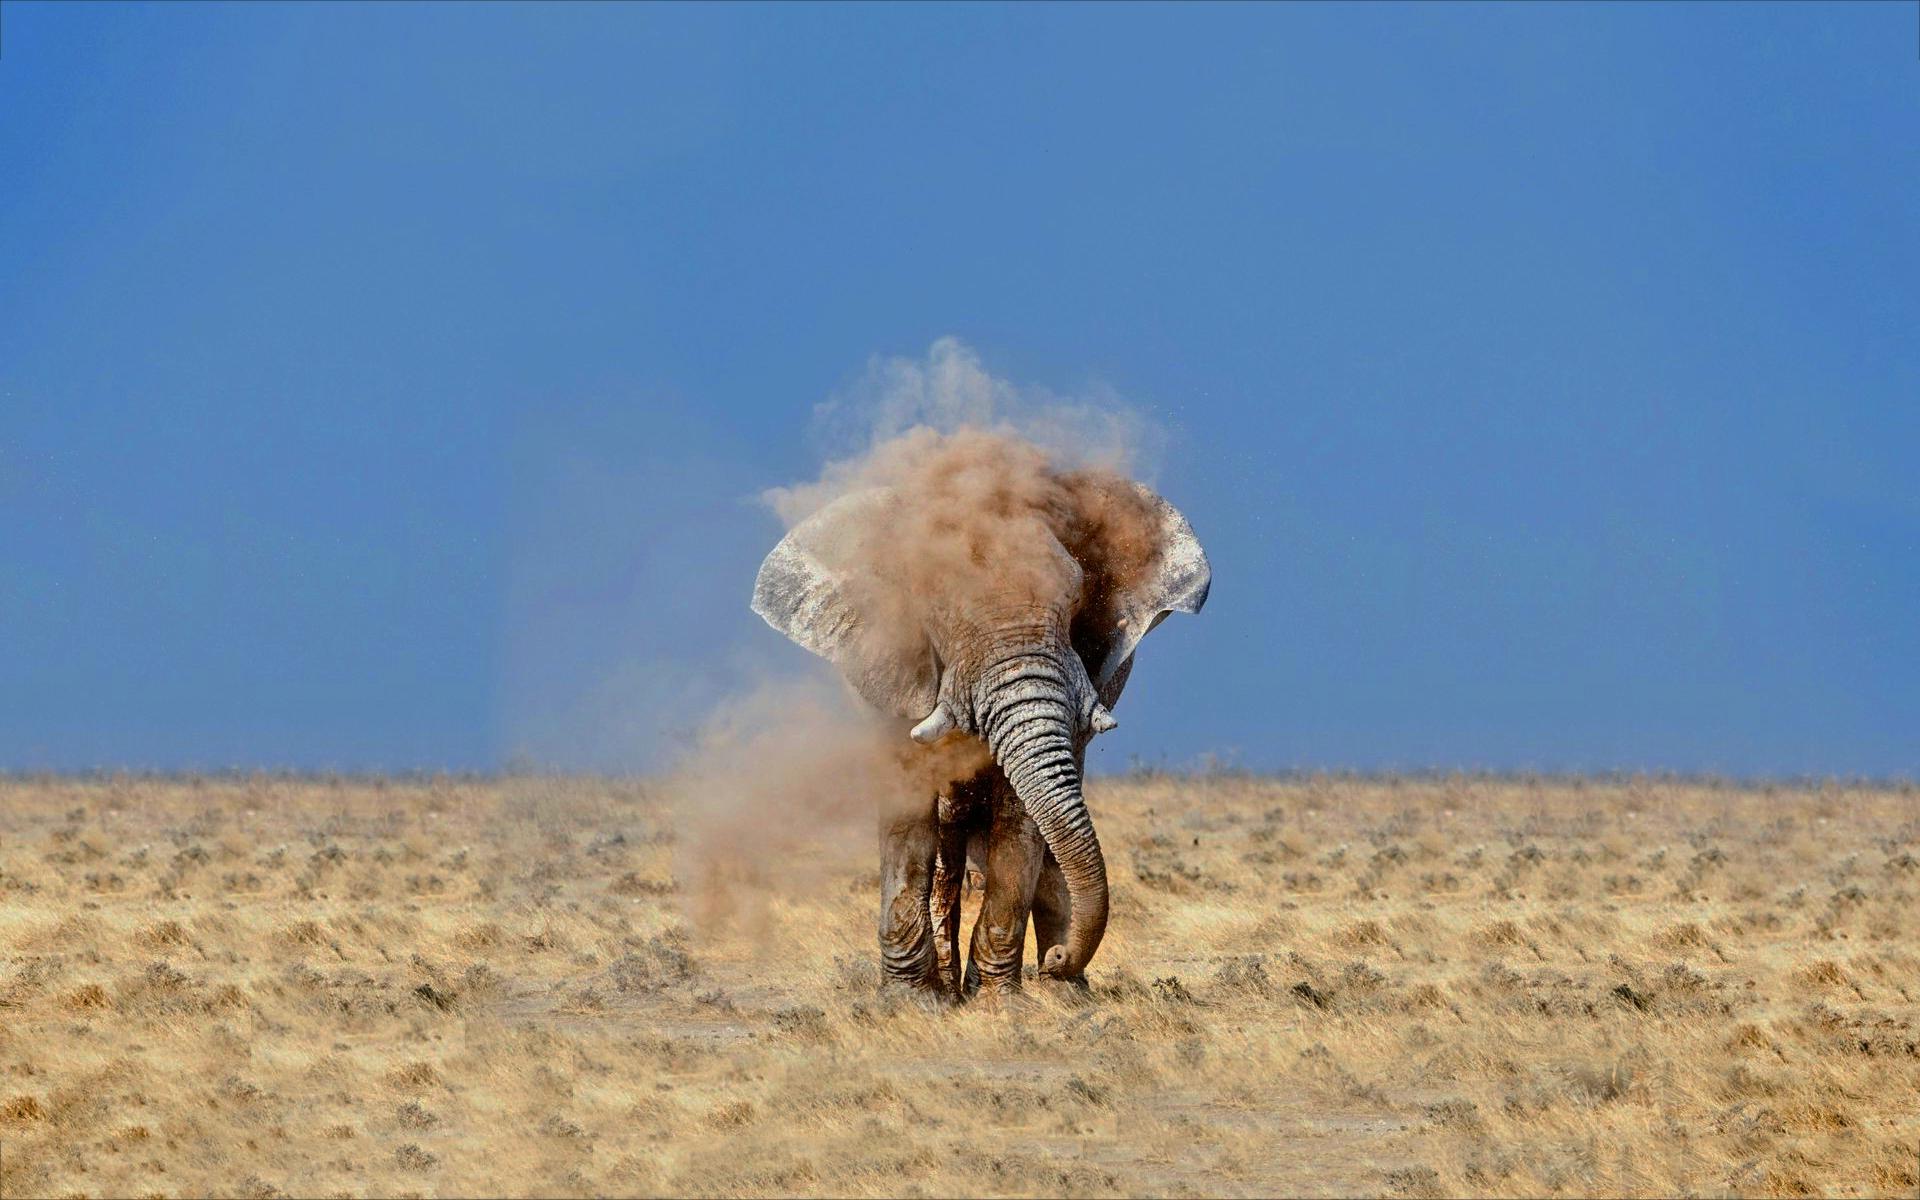 Elephant shake dust